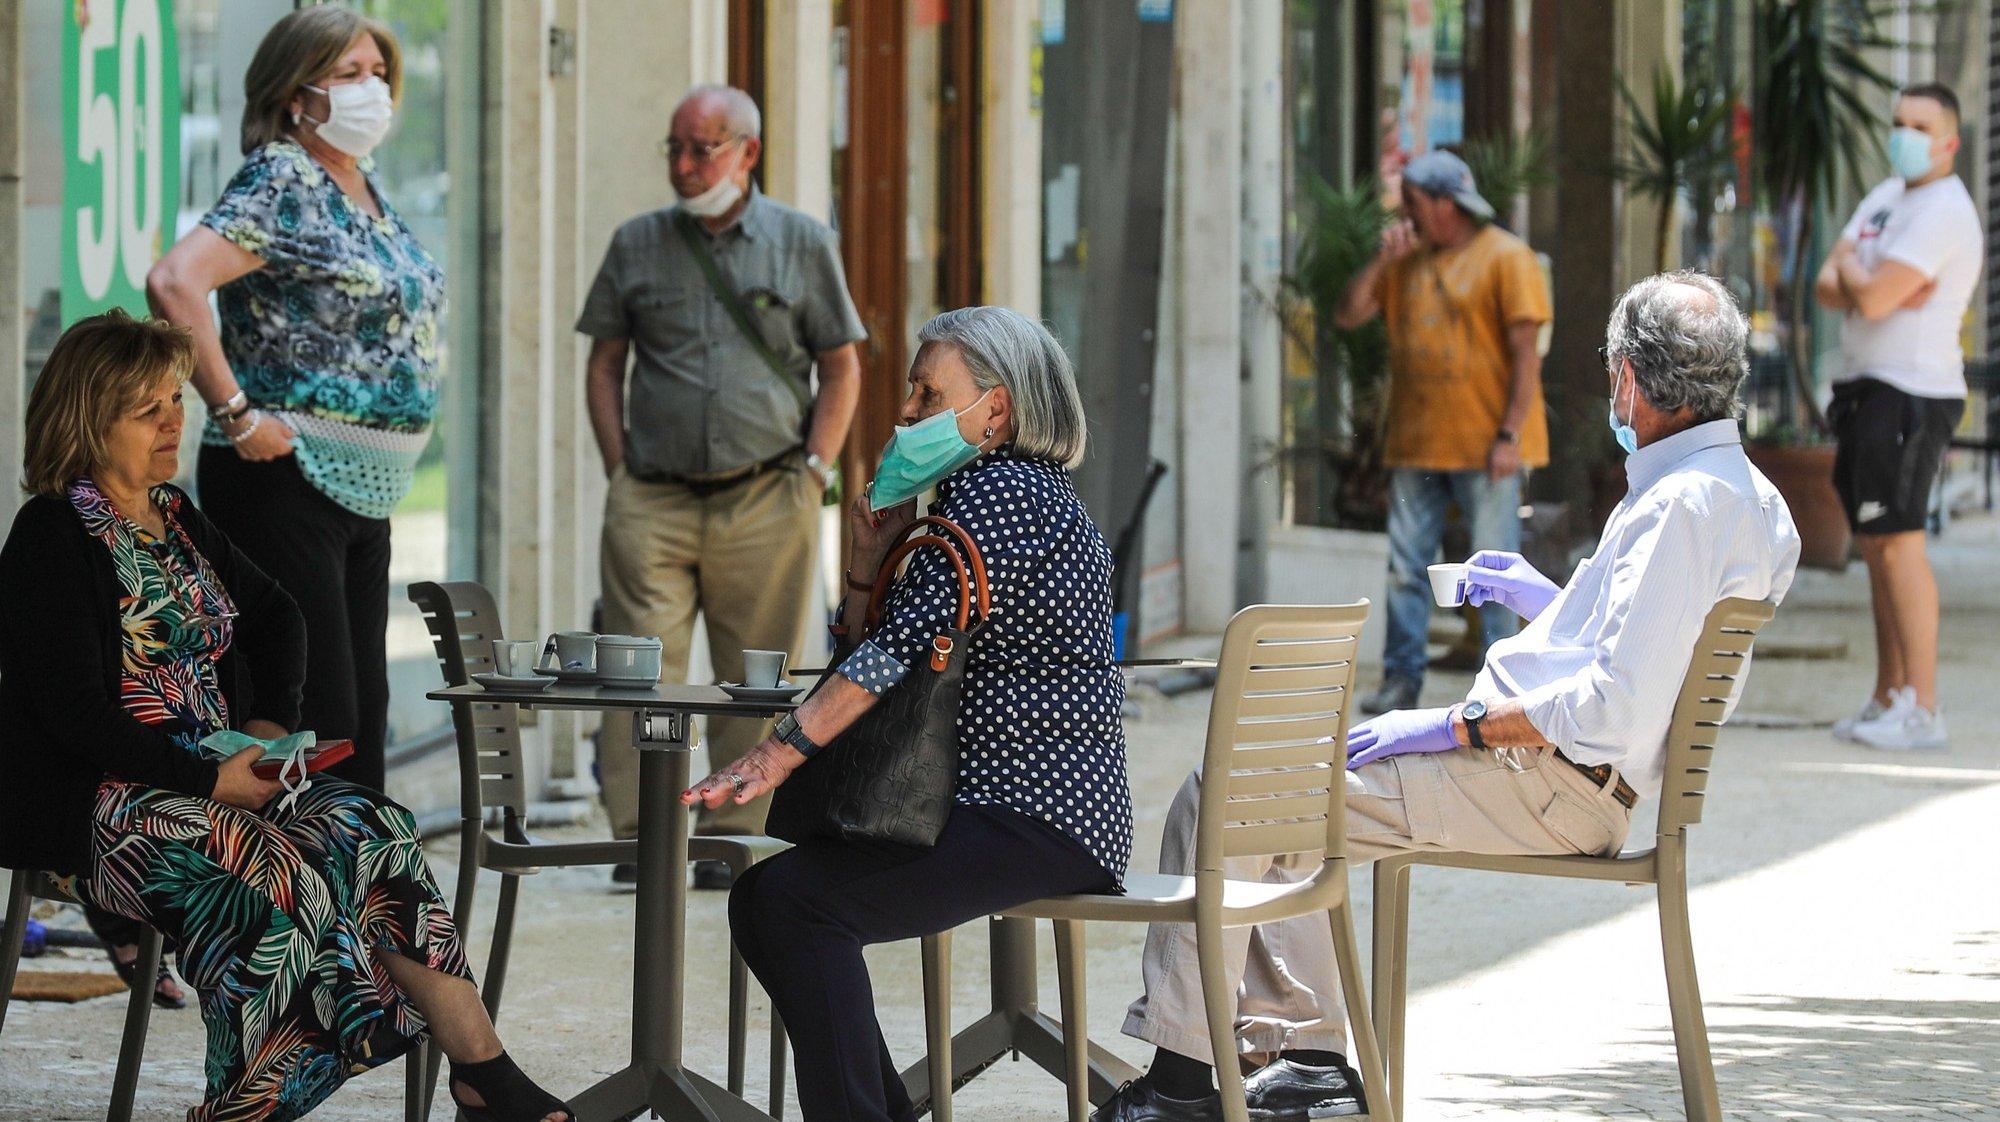 Populares numa esplanada no bairro de Alvalade em Lisboa no primeiro dia após o alívio das medidas de emergência devido à situação epidemiológica da covid-19 decretadas pelo Governo no dia 15, em Lisboa, 18 de maio de 2020. MIGUEL A. LOPES/LUSA